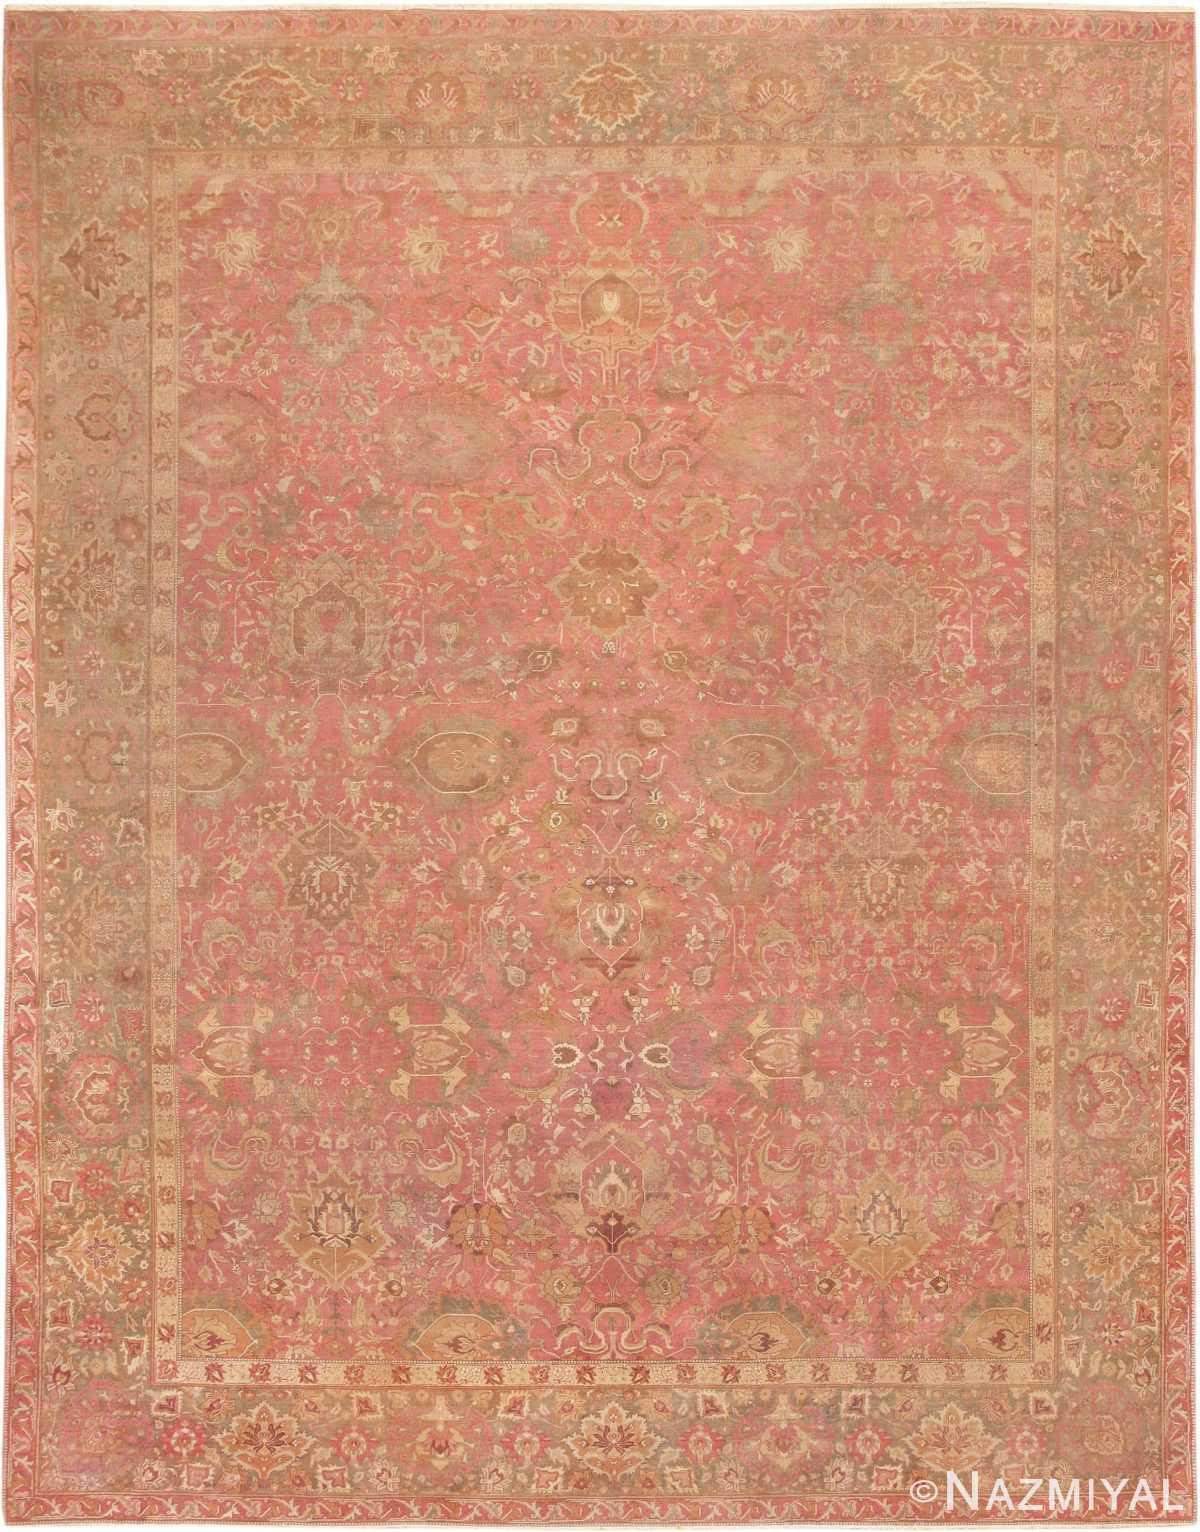 Antique Indian Amritsar Carpet 3277 Nazmiyal